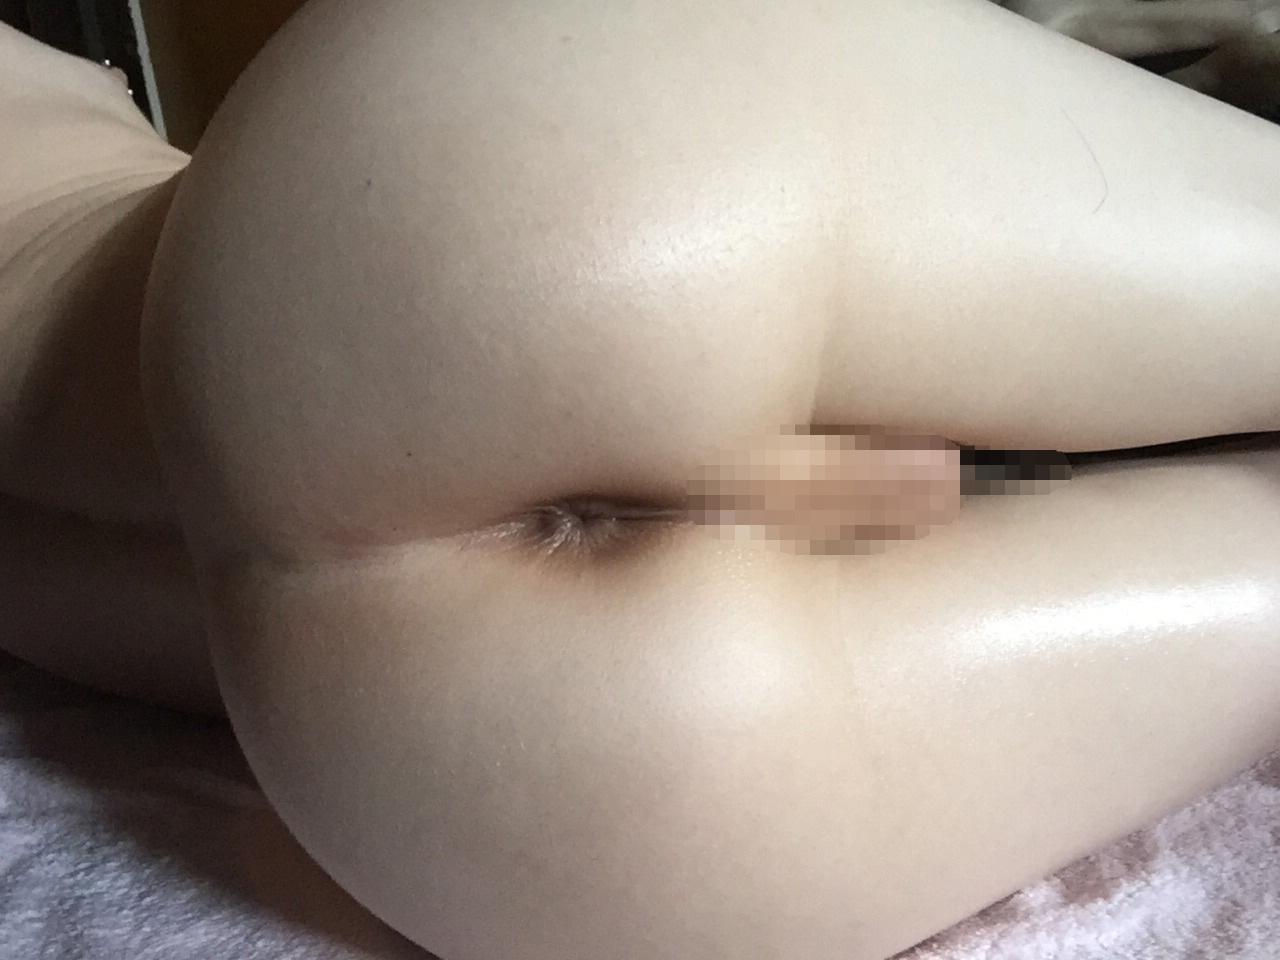 【NHエロ画像】(※閲覧注意)ぶら下げてるモノ不要ならくれw美形ニューハーフ(;´Д`)